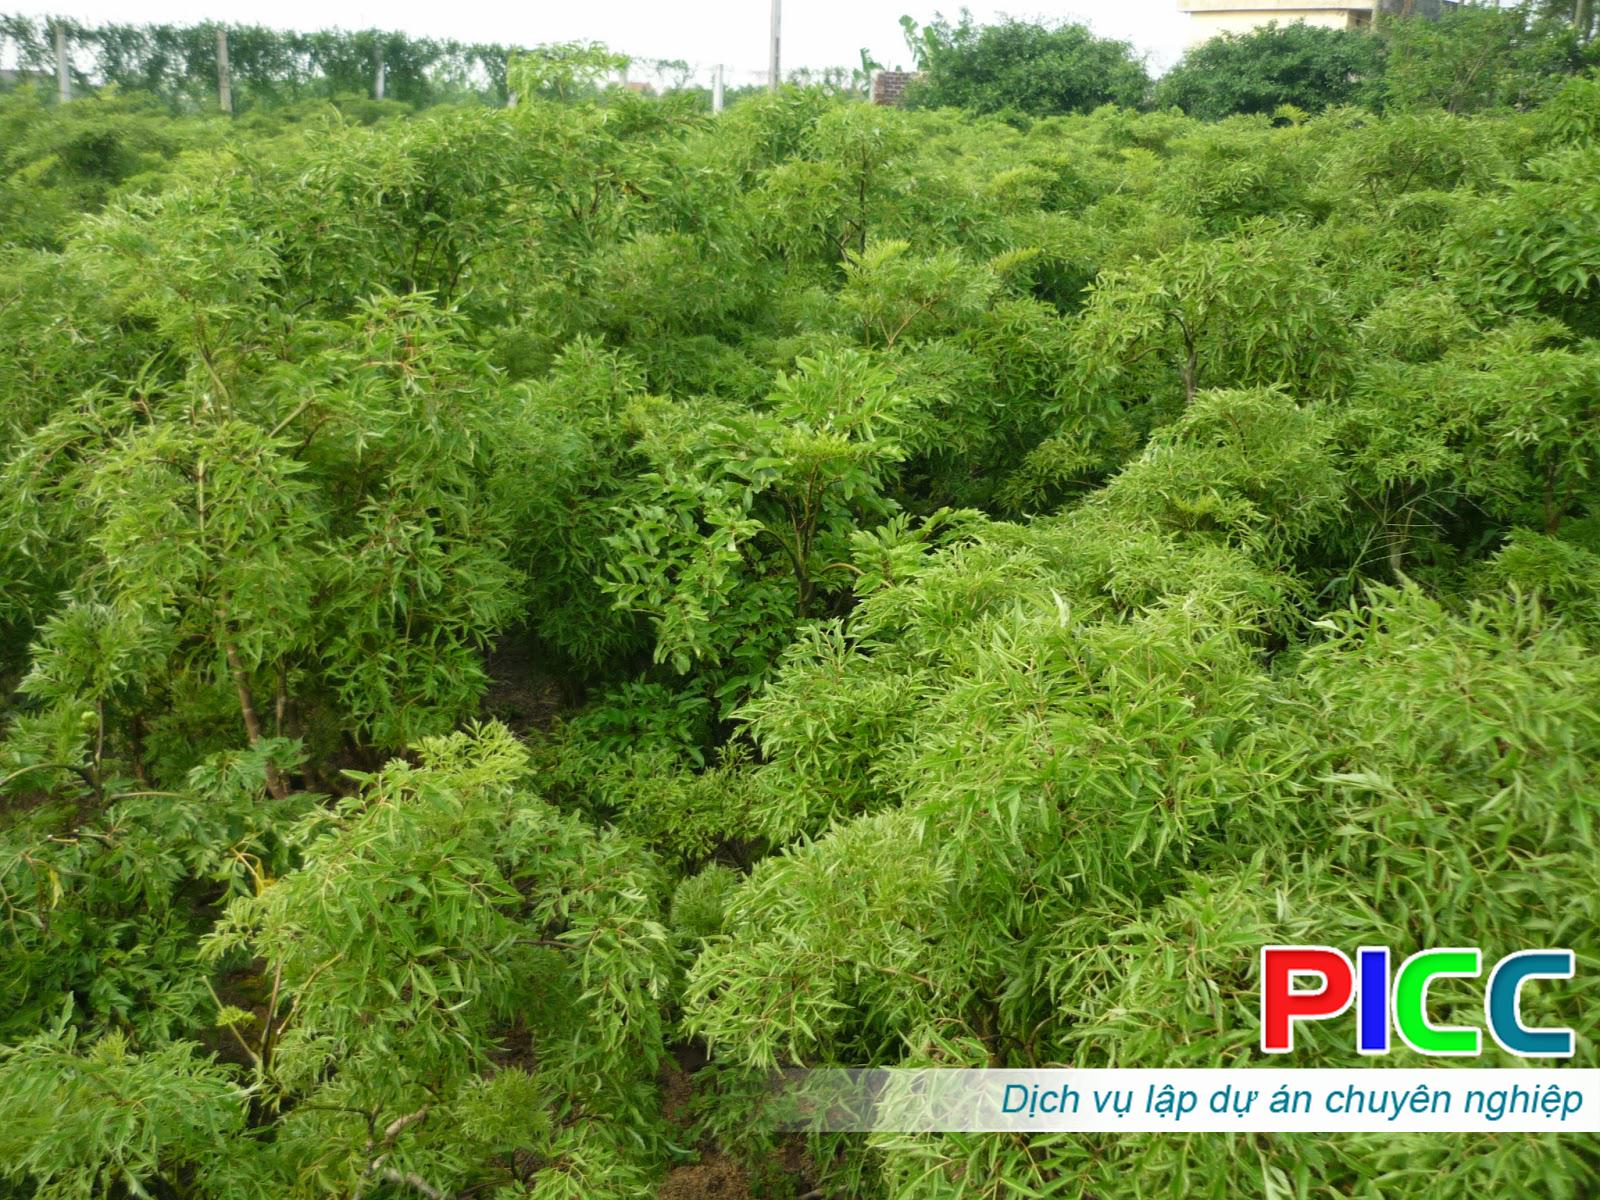 Dự án trồng cây dược liệu Đinh Lăng kết hợp